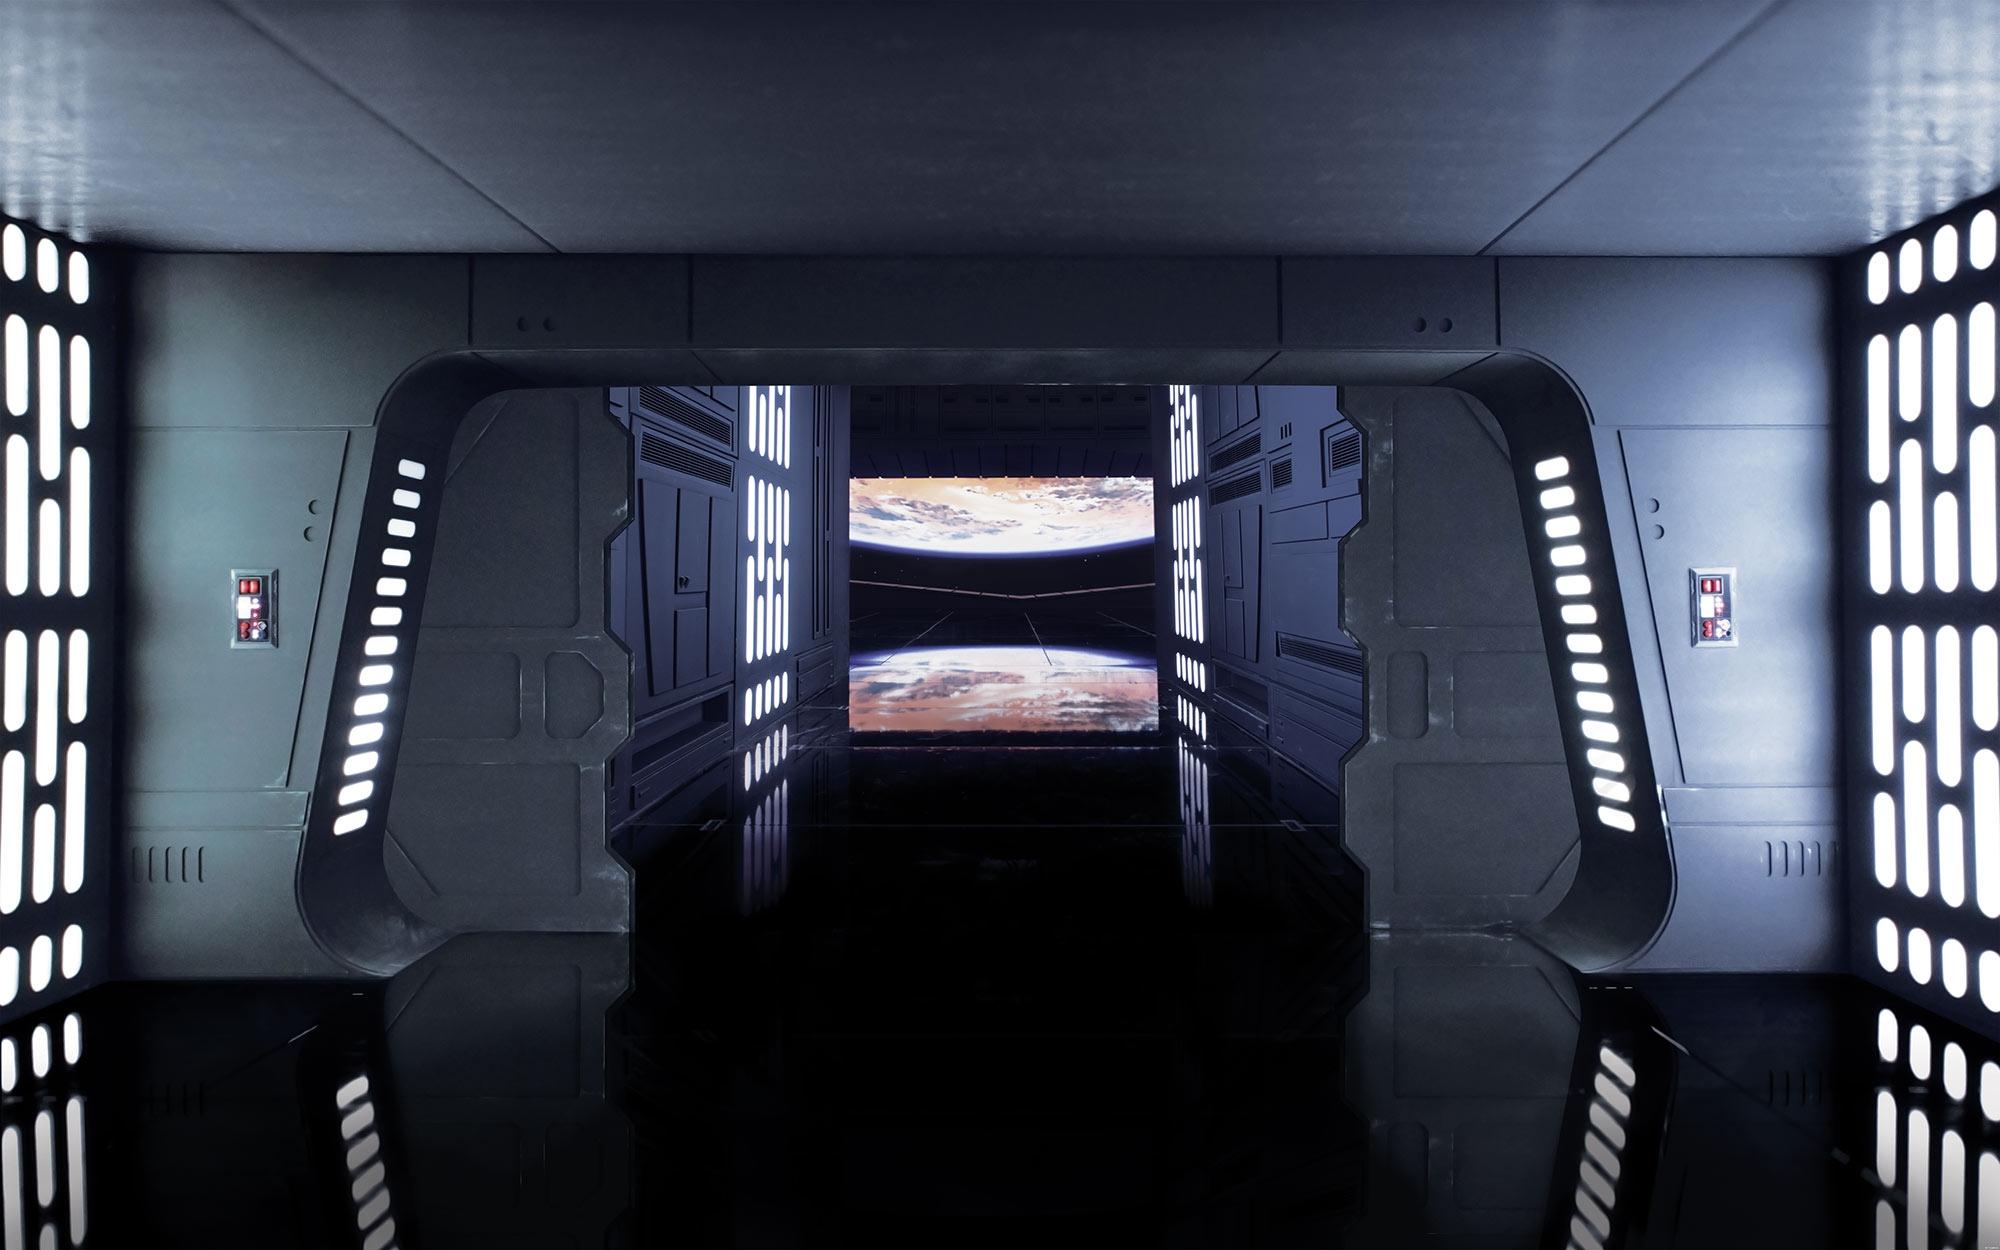 Vliestapete Star Wars Death Star Floor Quot Von Komar